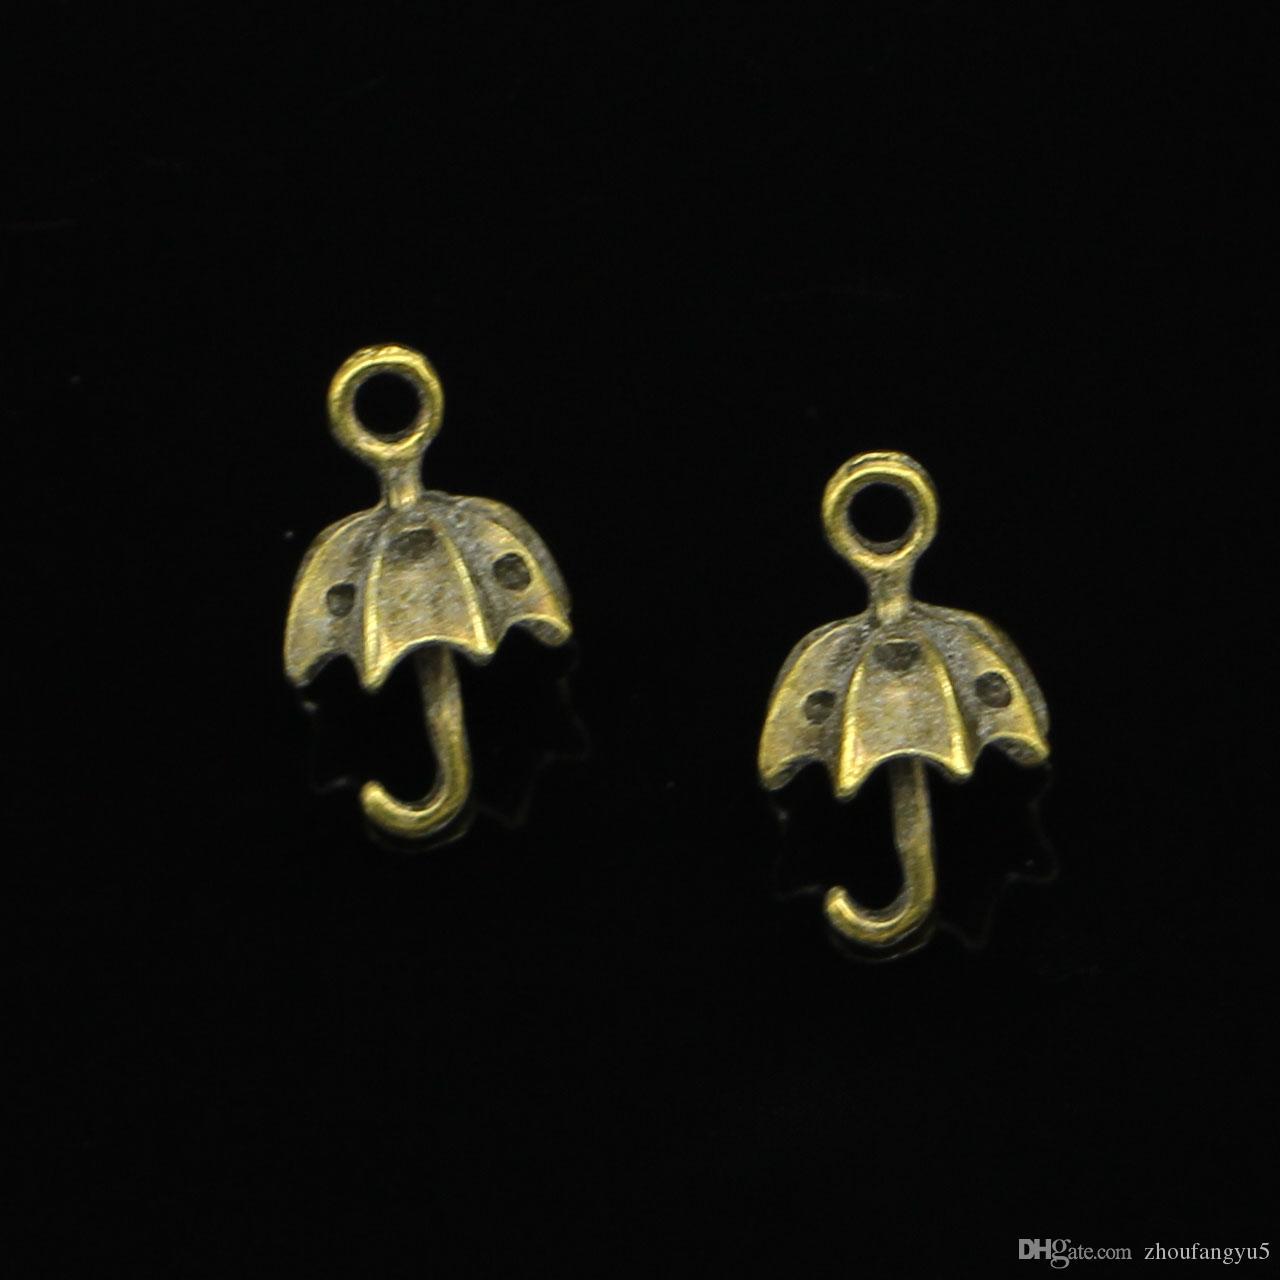 67 unids encantos de la aleación de zinc chapado en bronce antiguo 3D encantos del paraguas para la joyería que hace DIY colgantes hechos a mano 20 mm